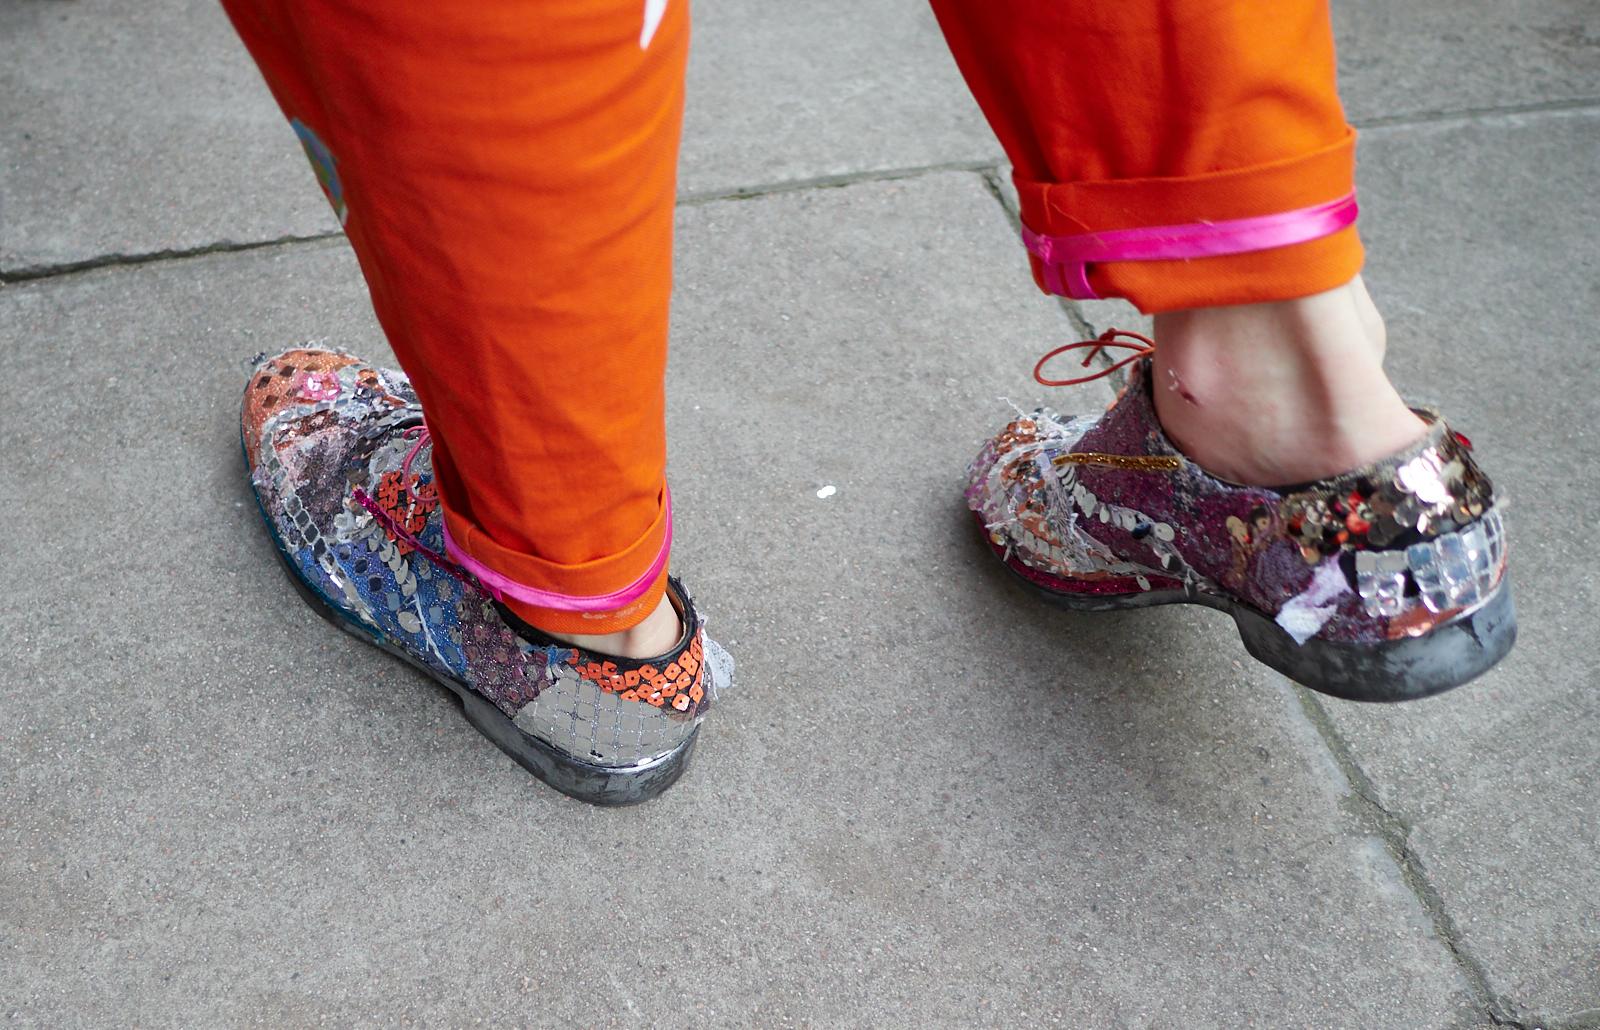 Shoes1600x1200 sRGB 2.jpg